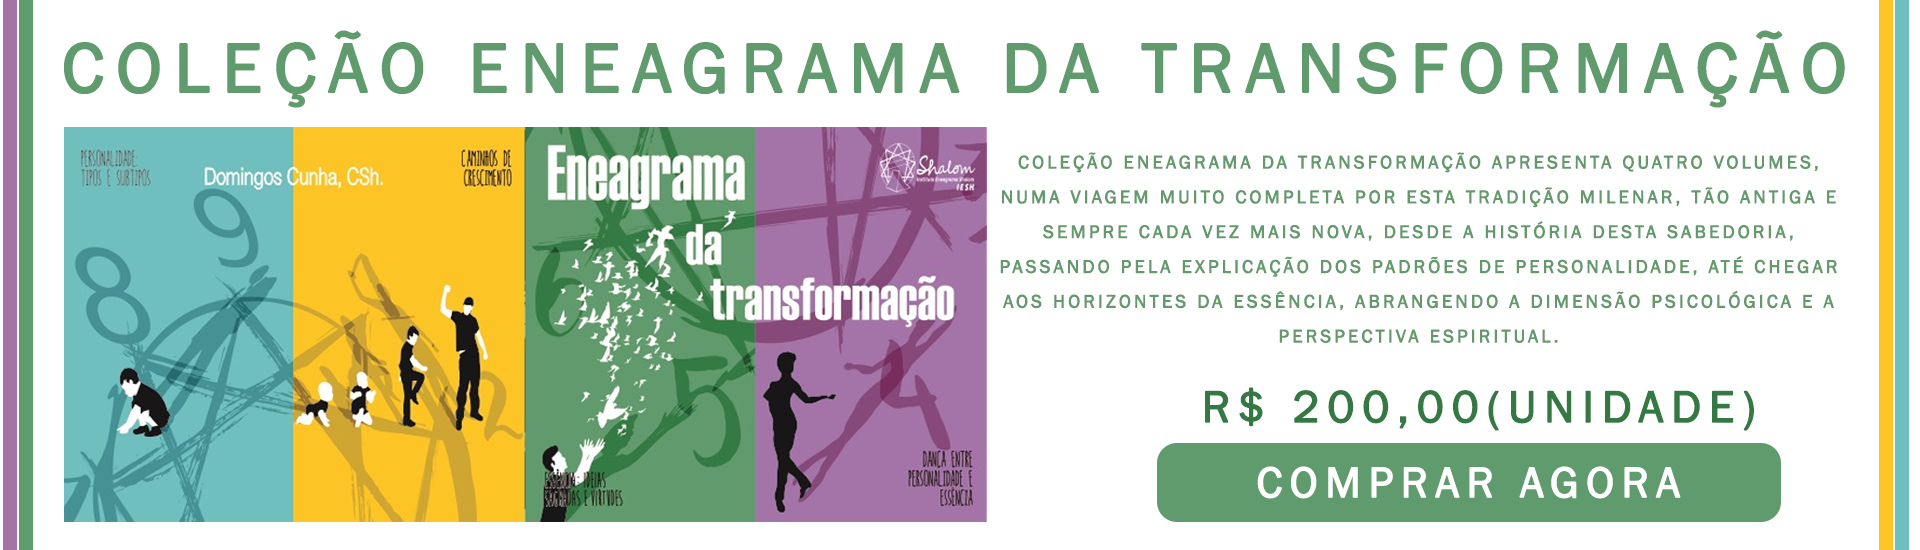 Coleção Eneagrama da Transformação